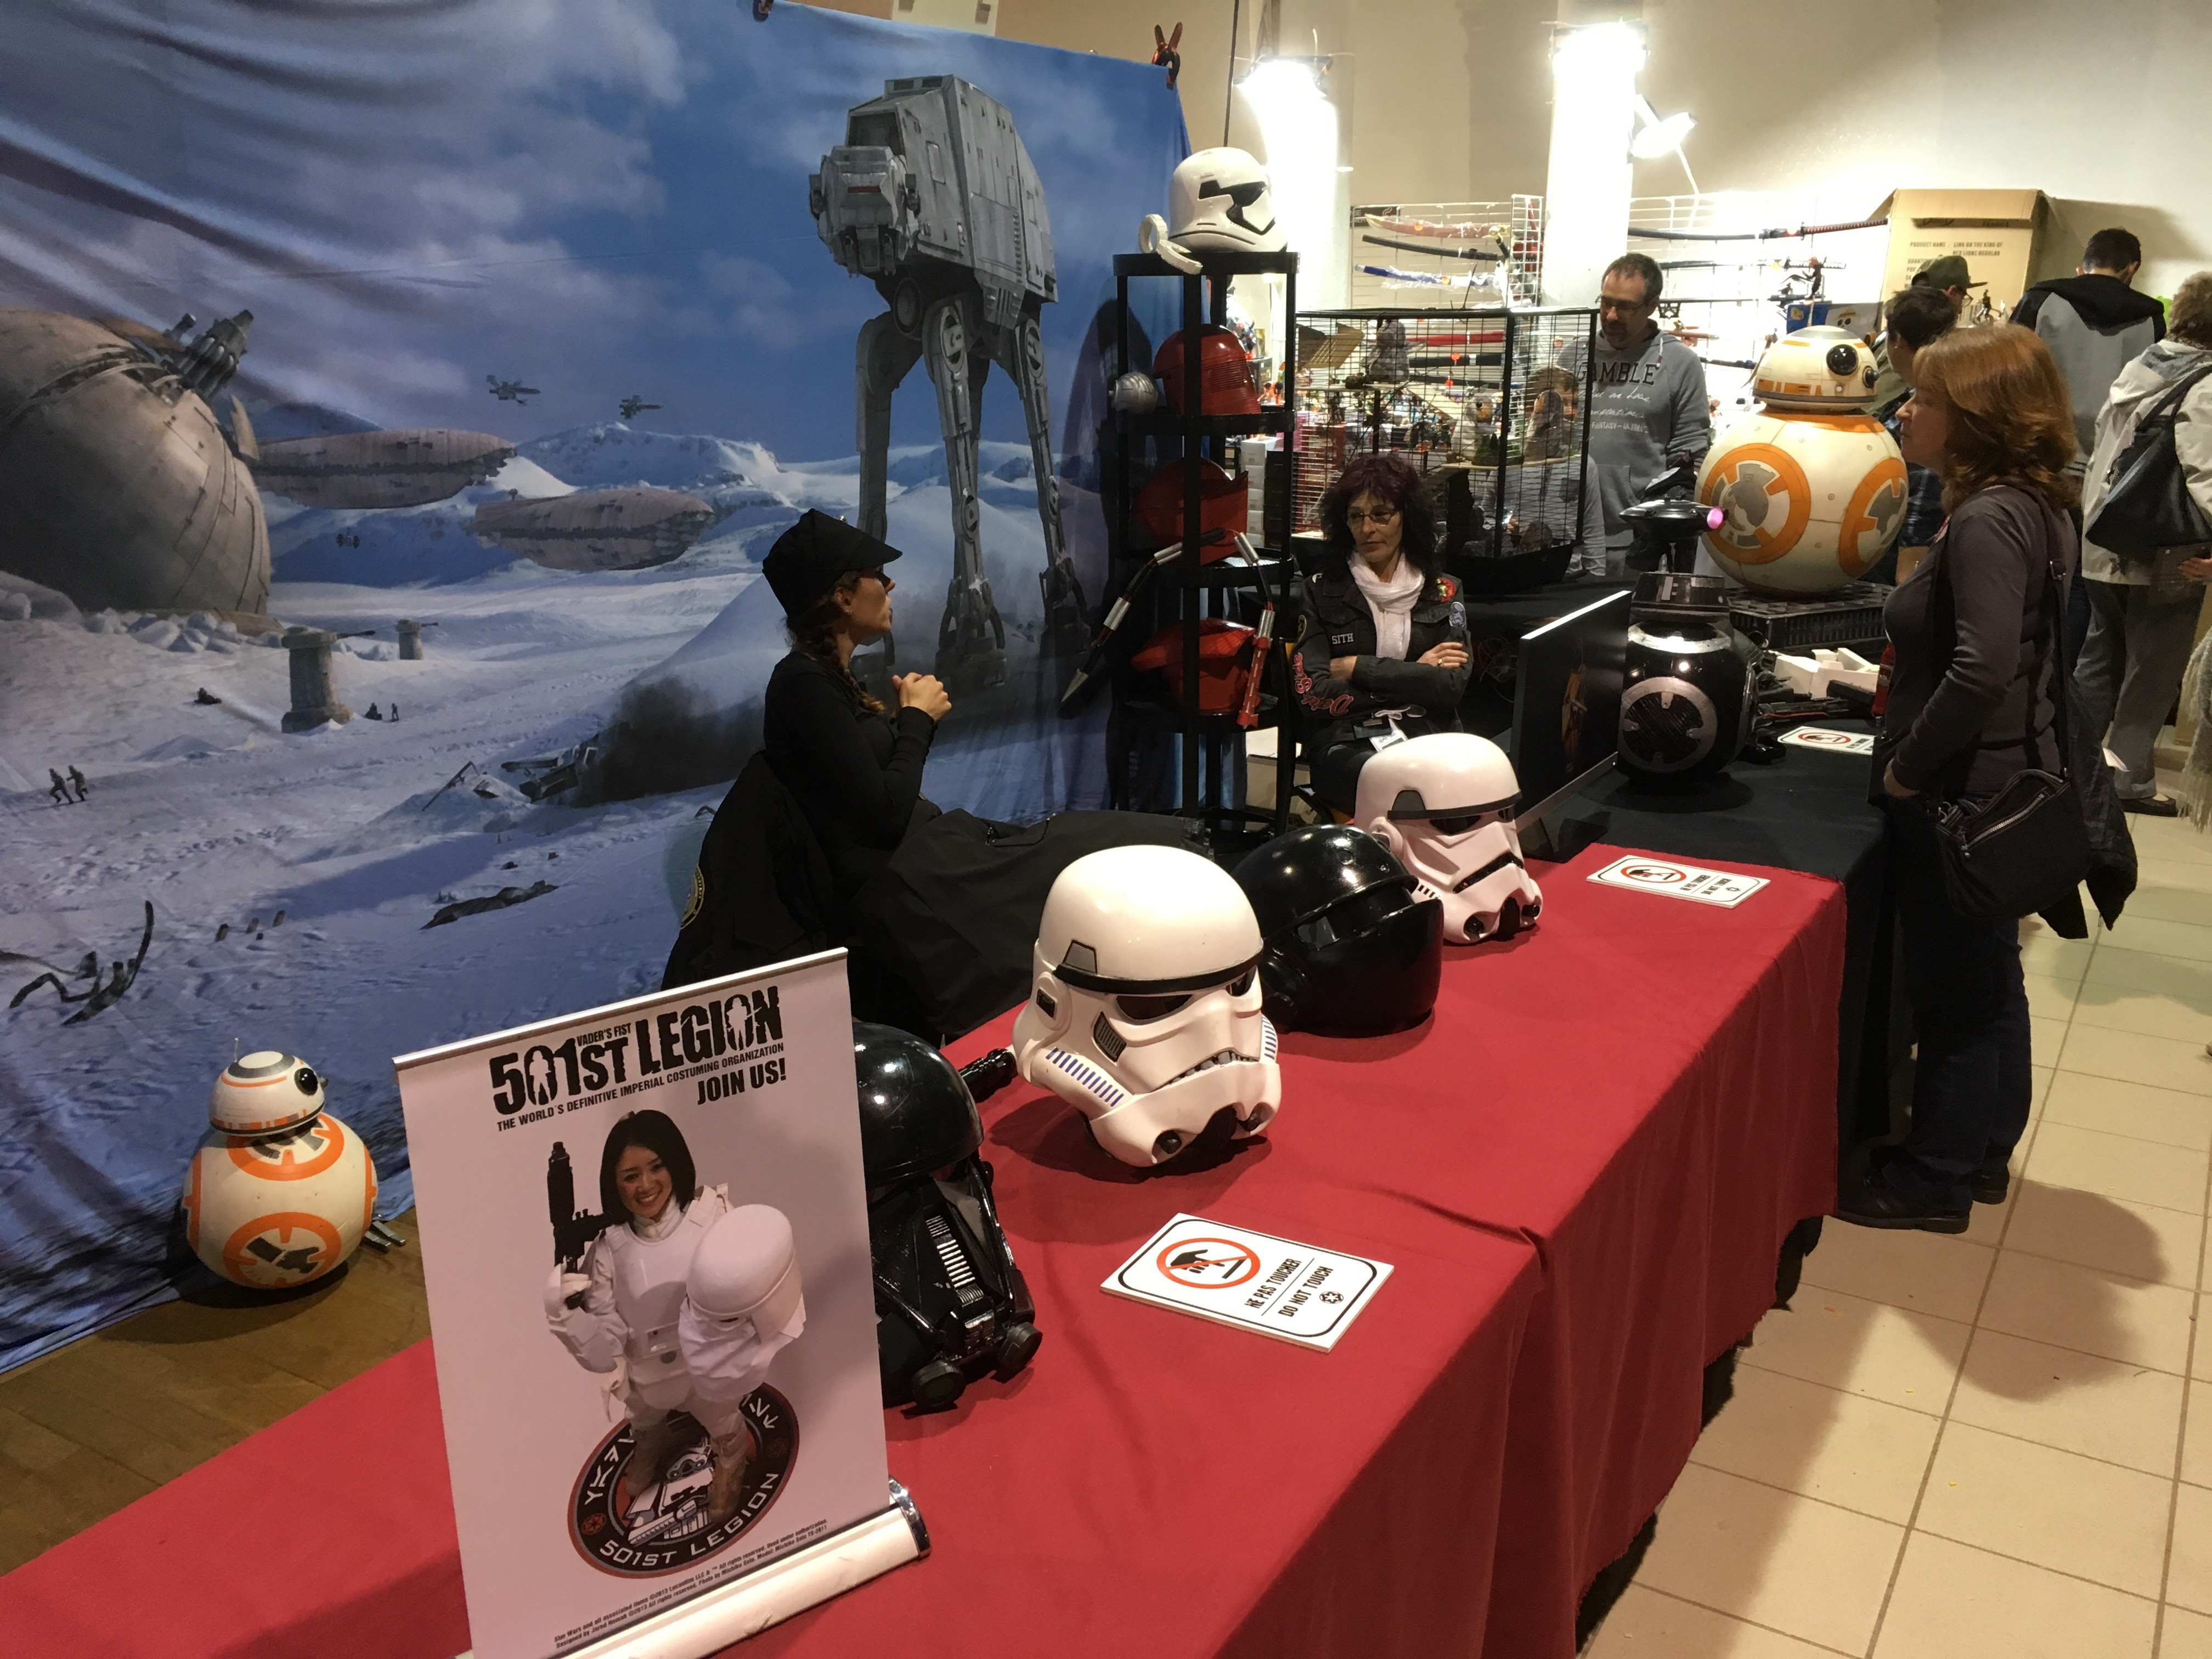 Générations Star Wars et SF 20ème édition - Cusset - 28 et 29 avril 2018 Y9zzVL